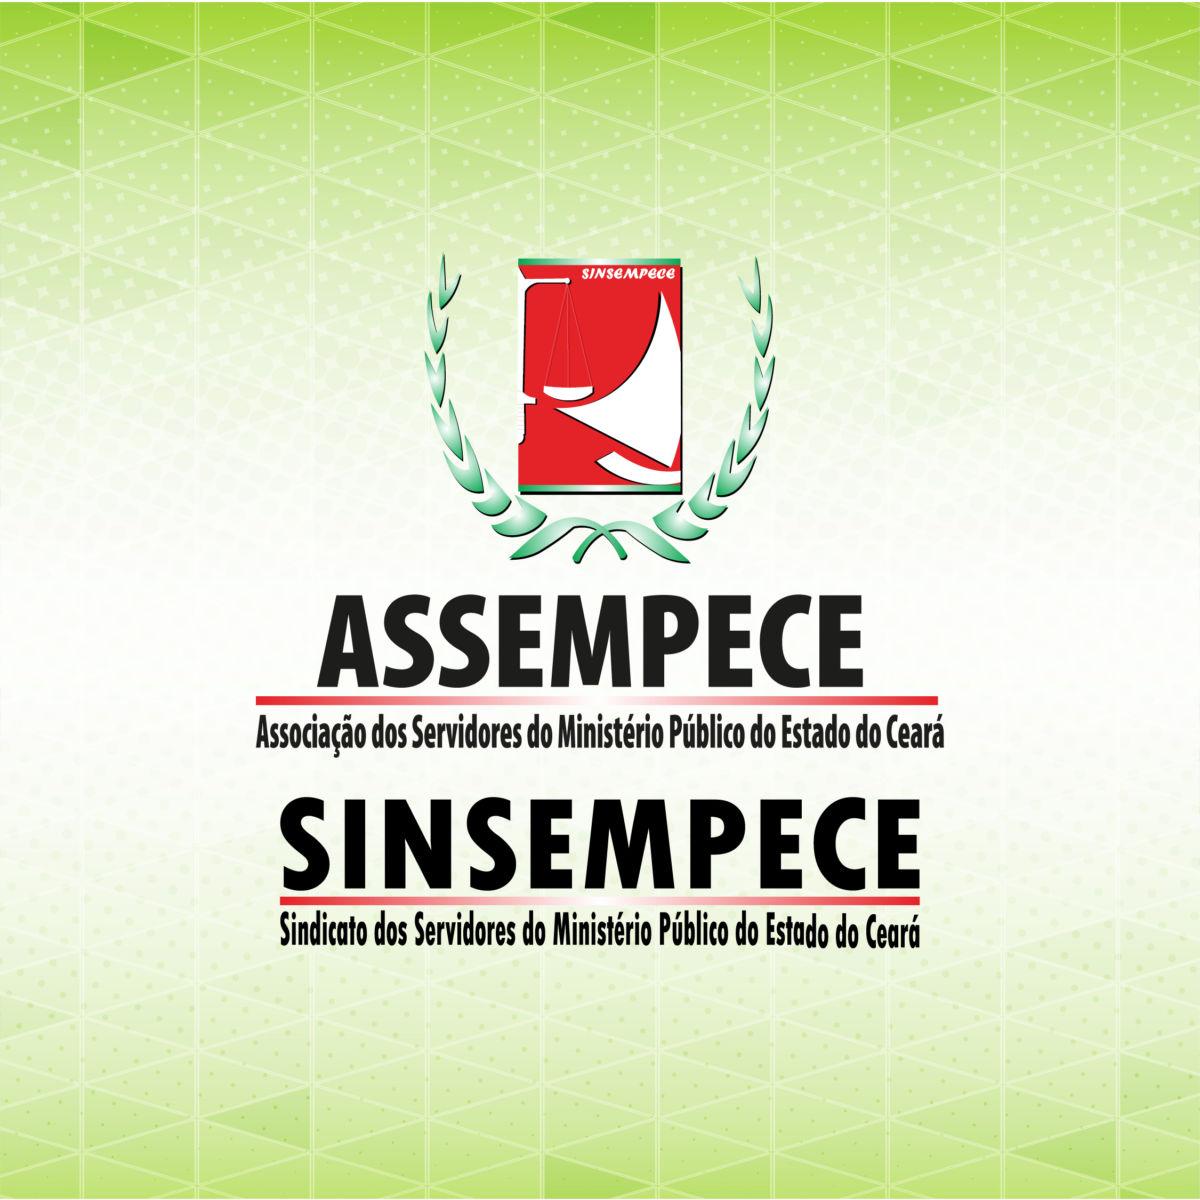 Sinsempece convoca Assembleia Geral Extraordinária para 16 de março